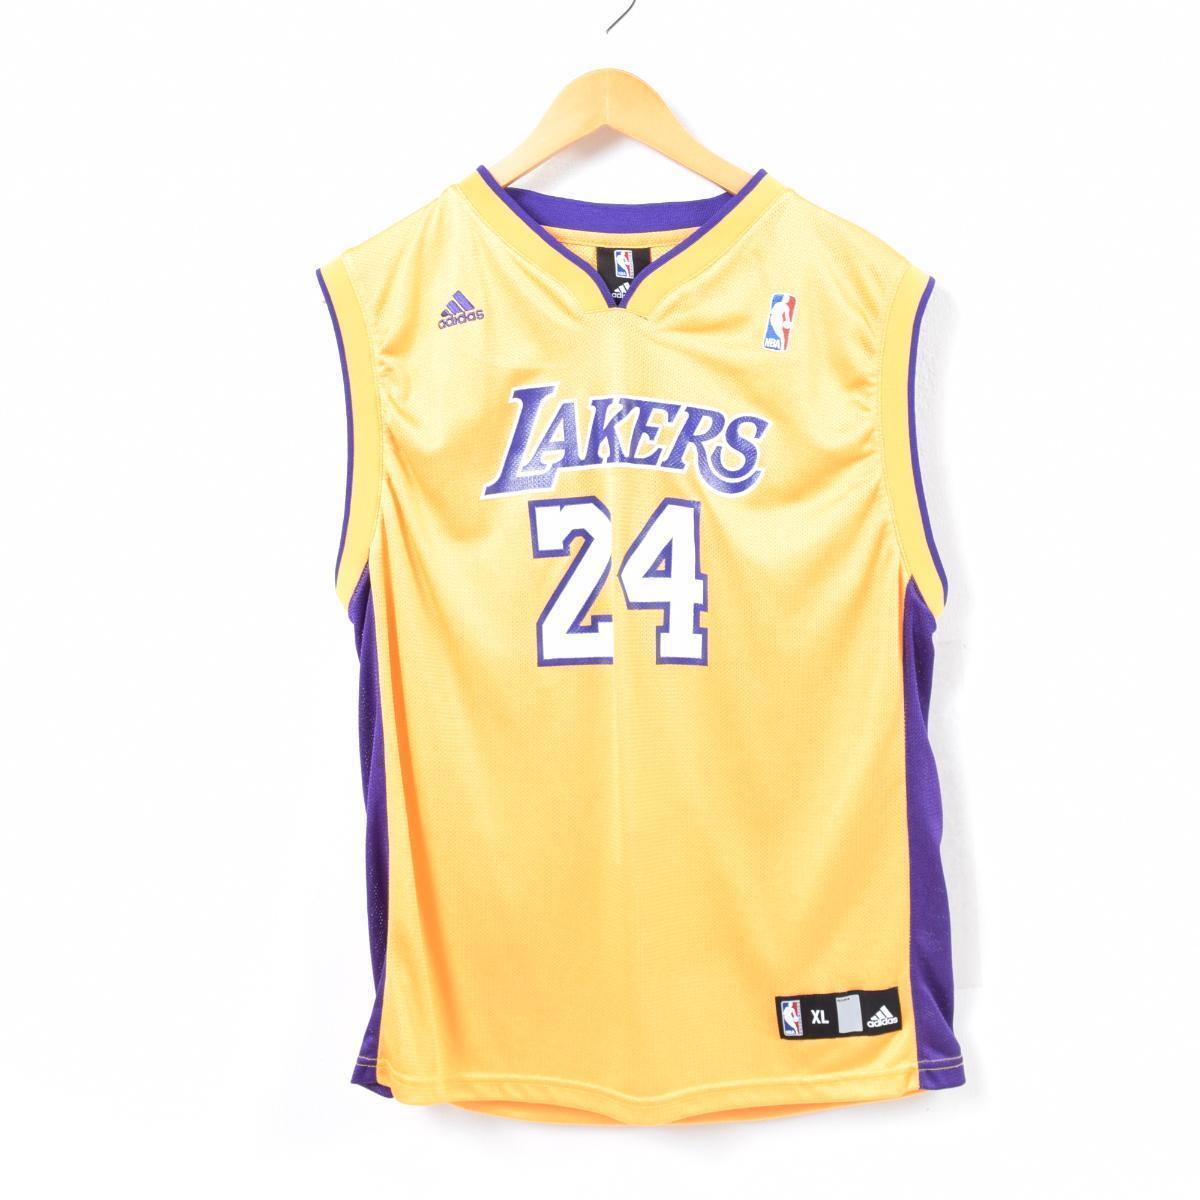 アディダス adidas NBA LOS ANGELES LAKERS ロサンゼルスレイカーズ KOBE BRYANT コービーブライアント ゲームシャツ レプリカユニフォーム メンズXL /waq7239 【中古】 【180622】